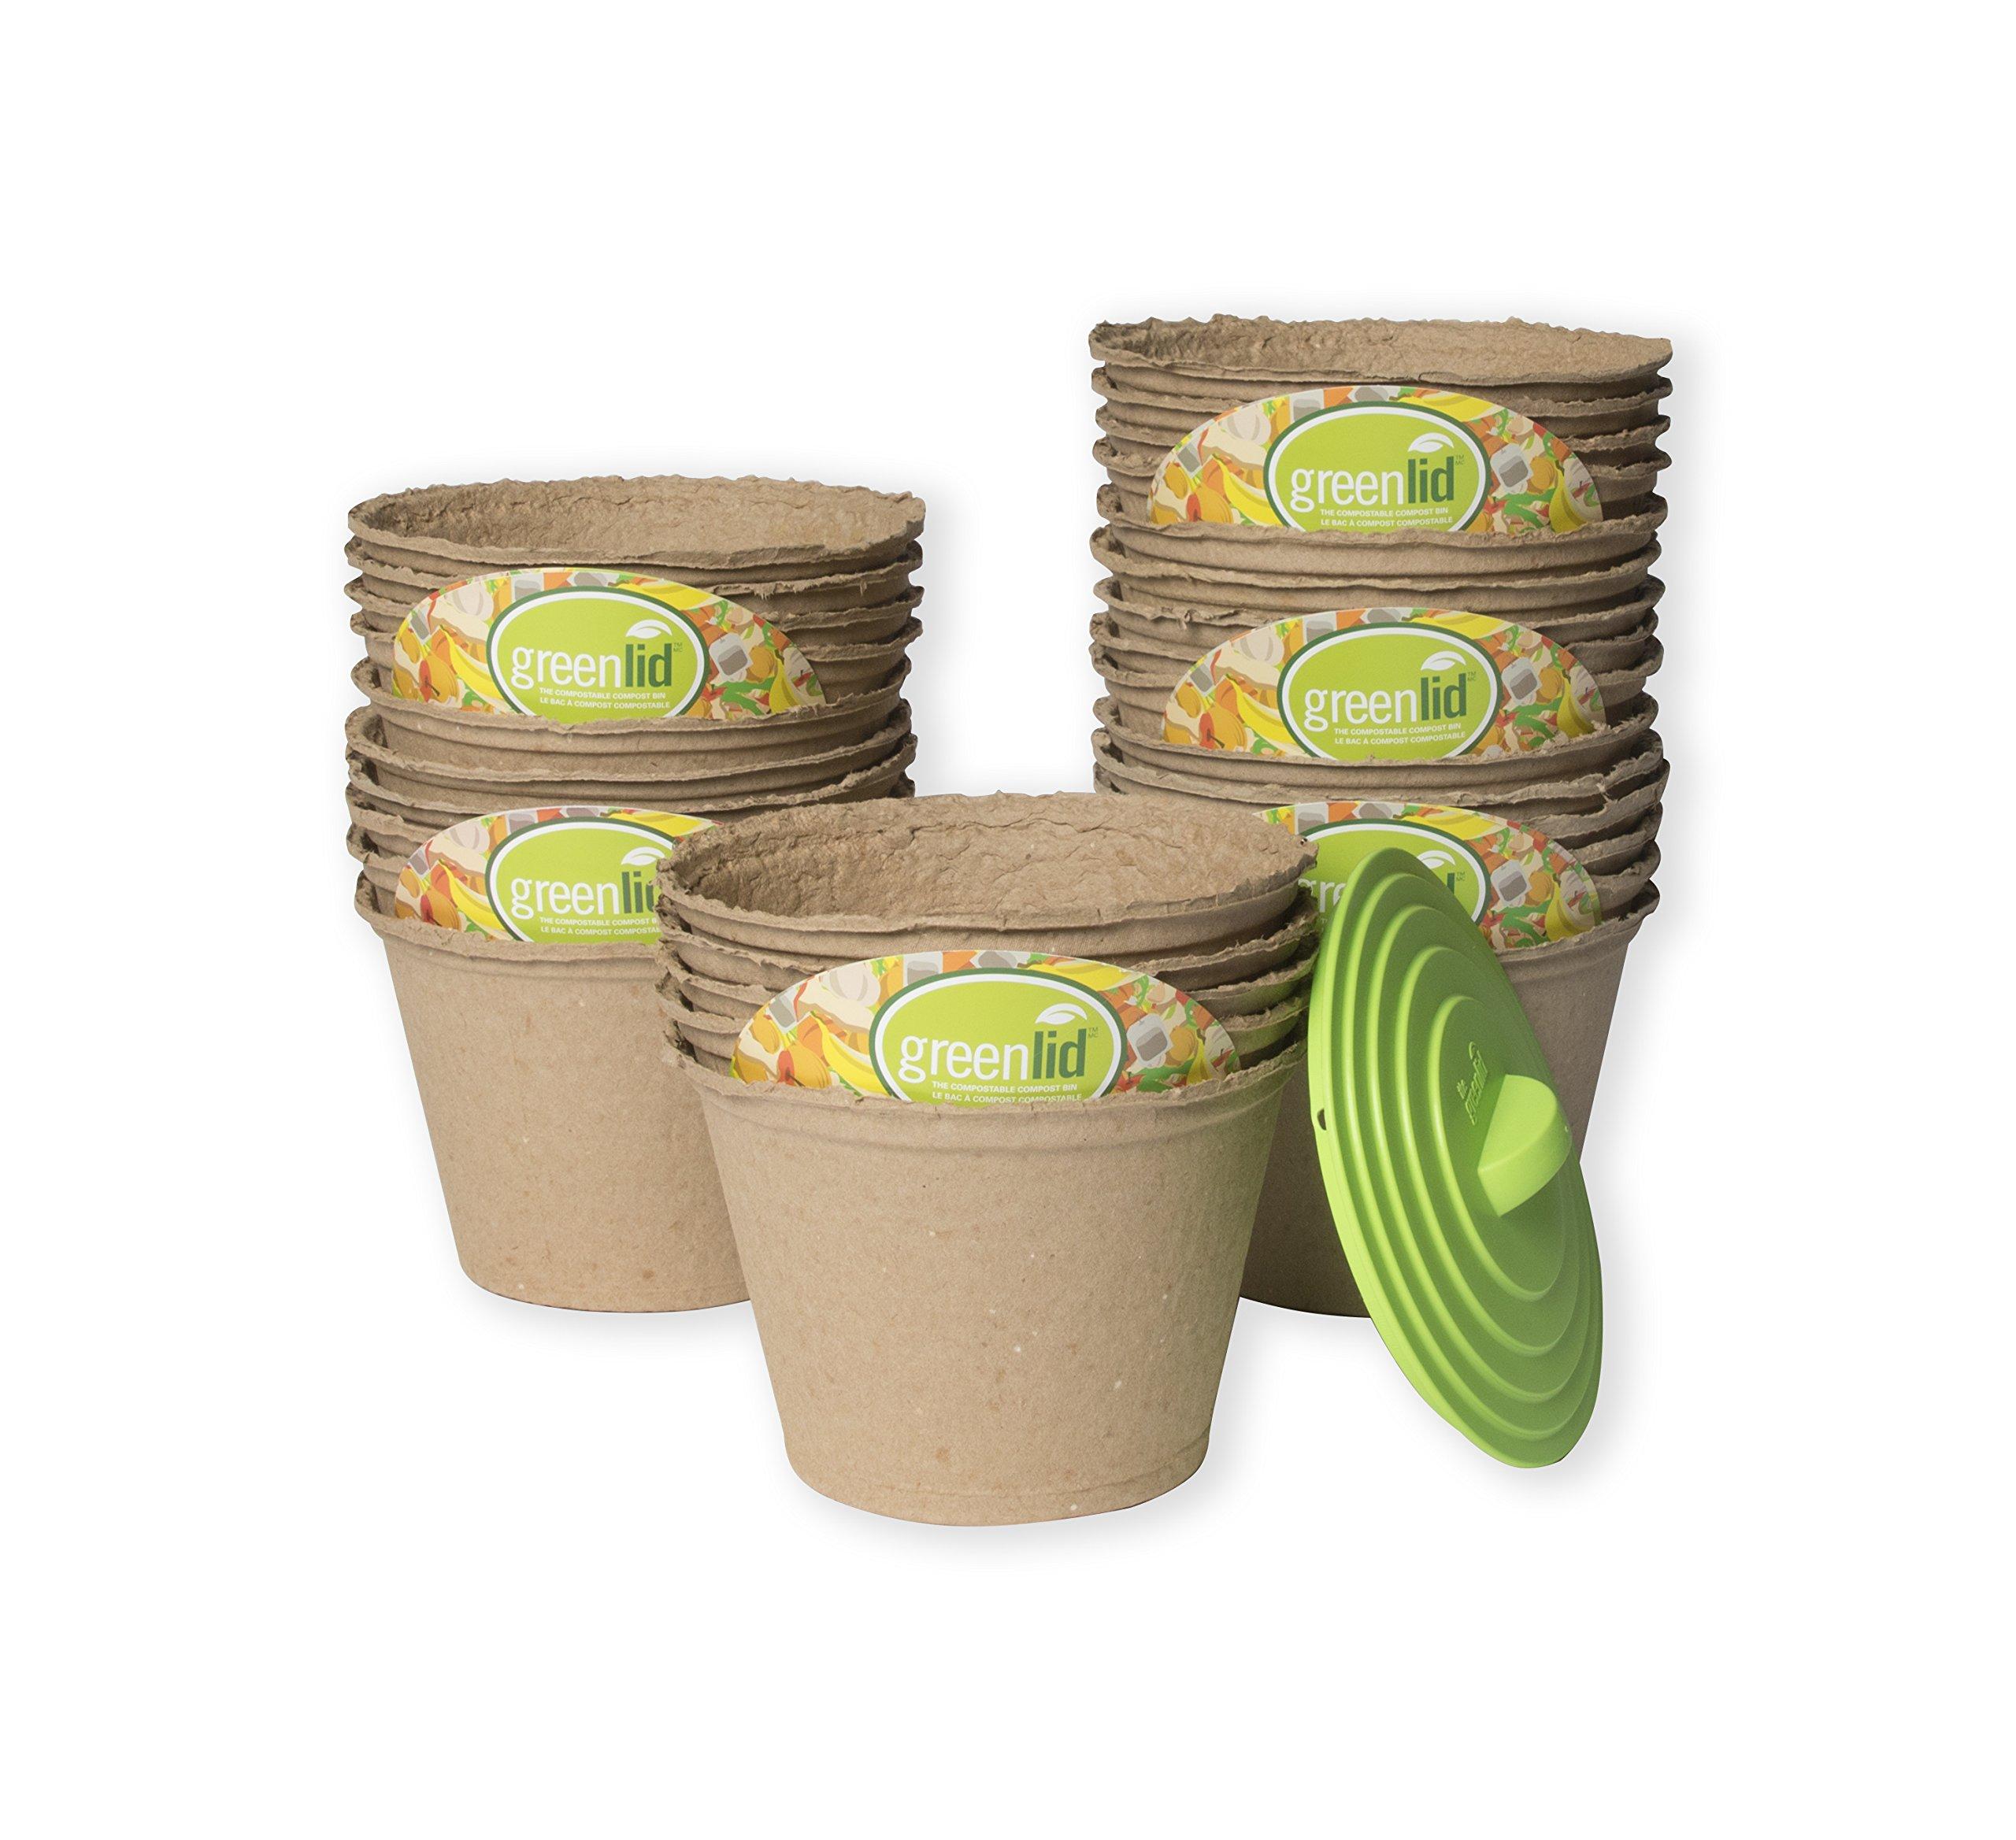 Greenlid Compostable Compost Bin - Starter Kit (30 Pack + Reusable Greenlid)